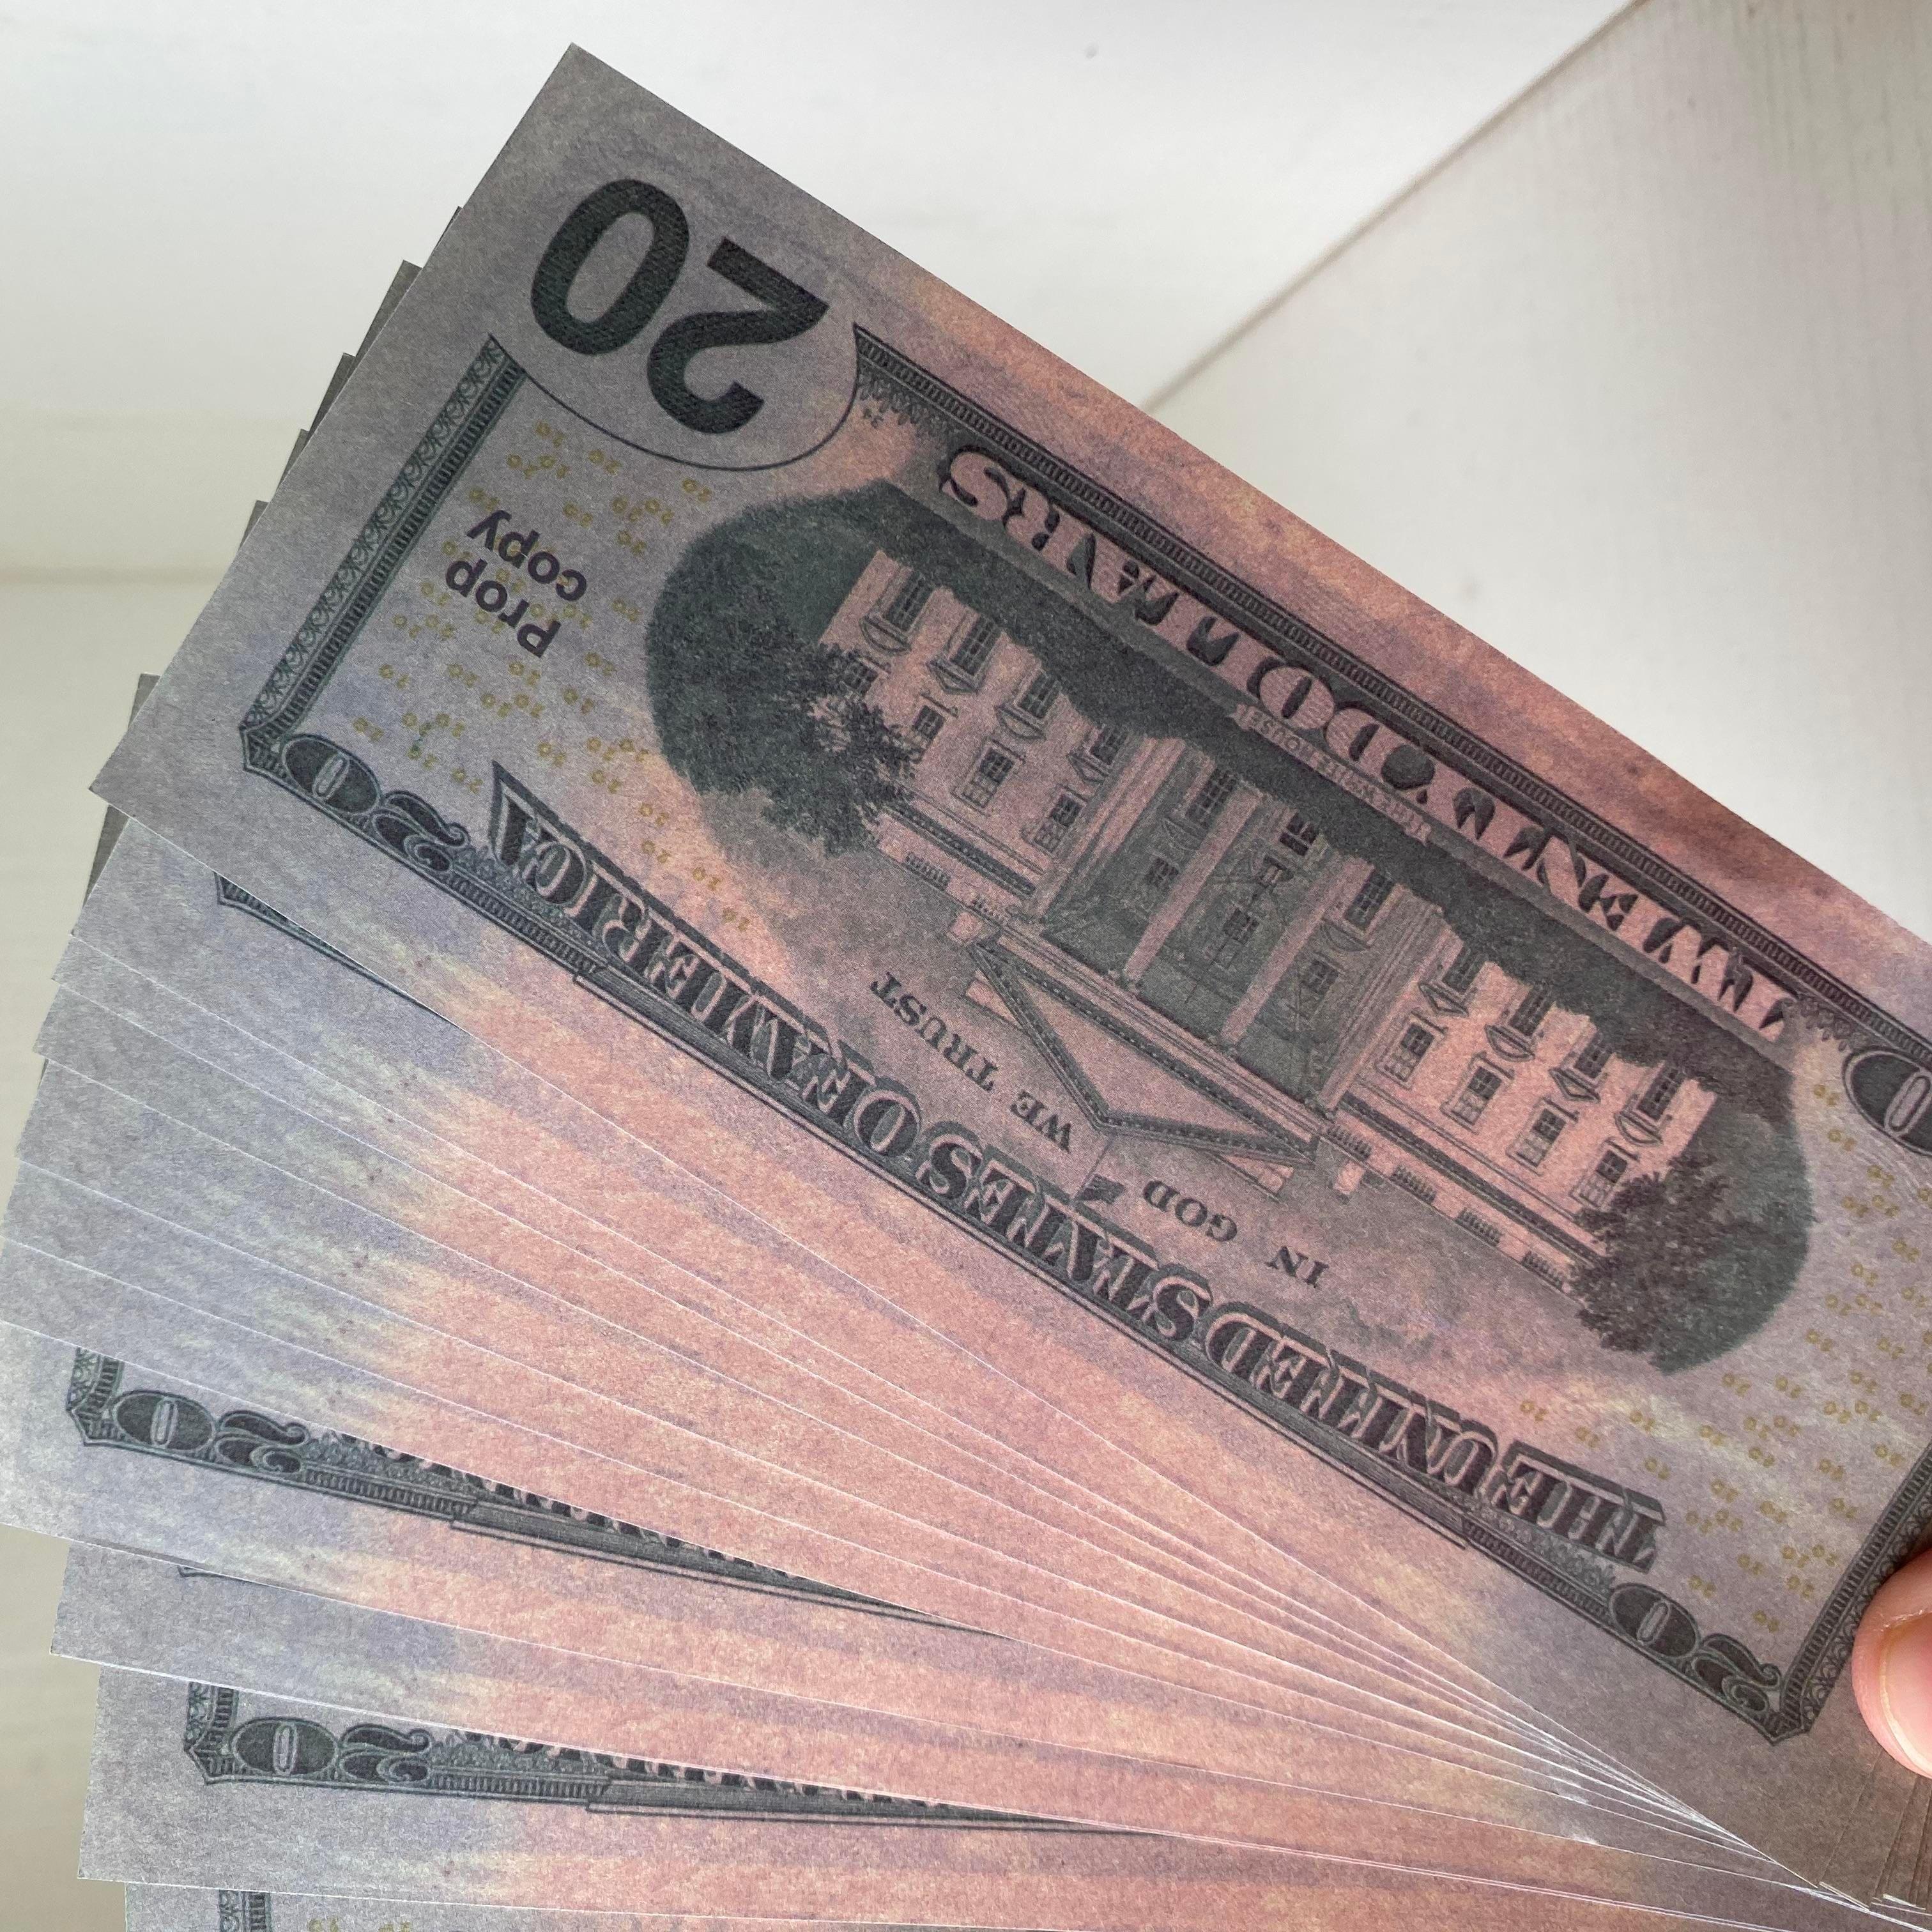 Decorazione all'ingrosso migliore qualità film denaro falso prop 20 falsi soldi contando soldi casa per bambini per film do do do do dox video 021 fwuoe